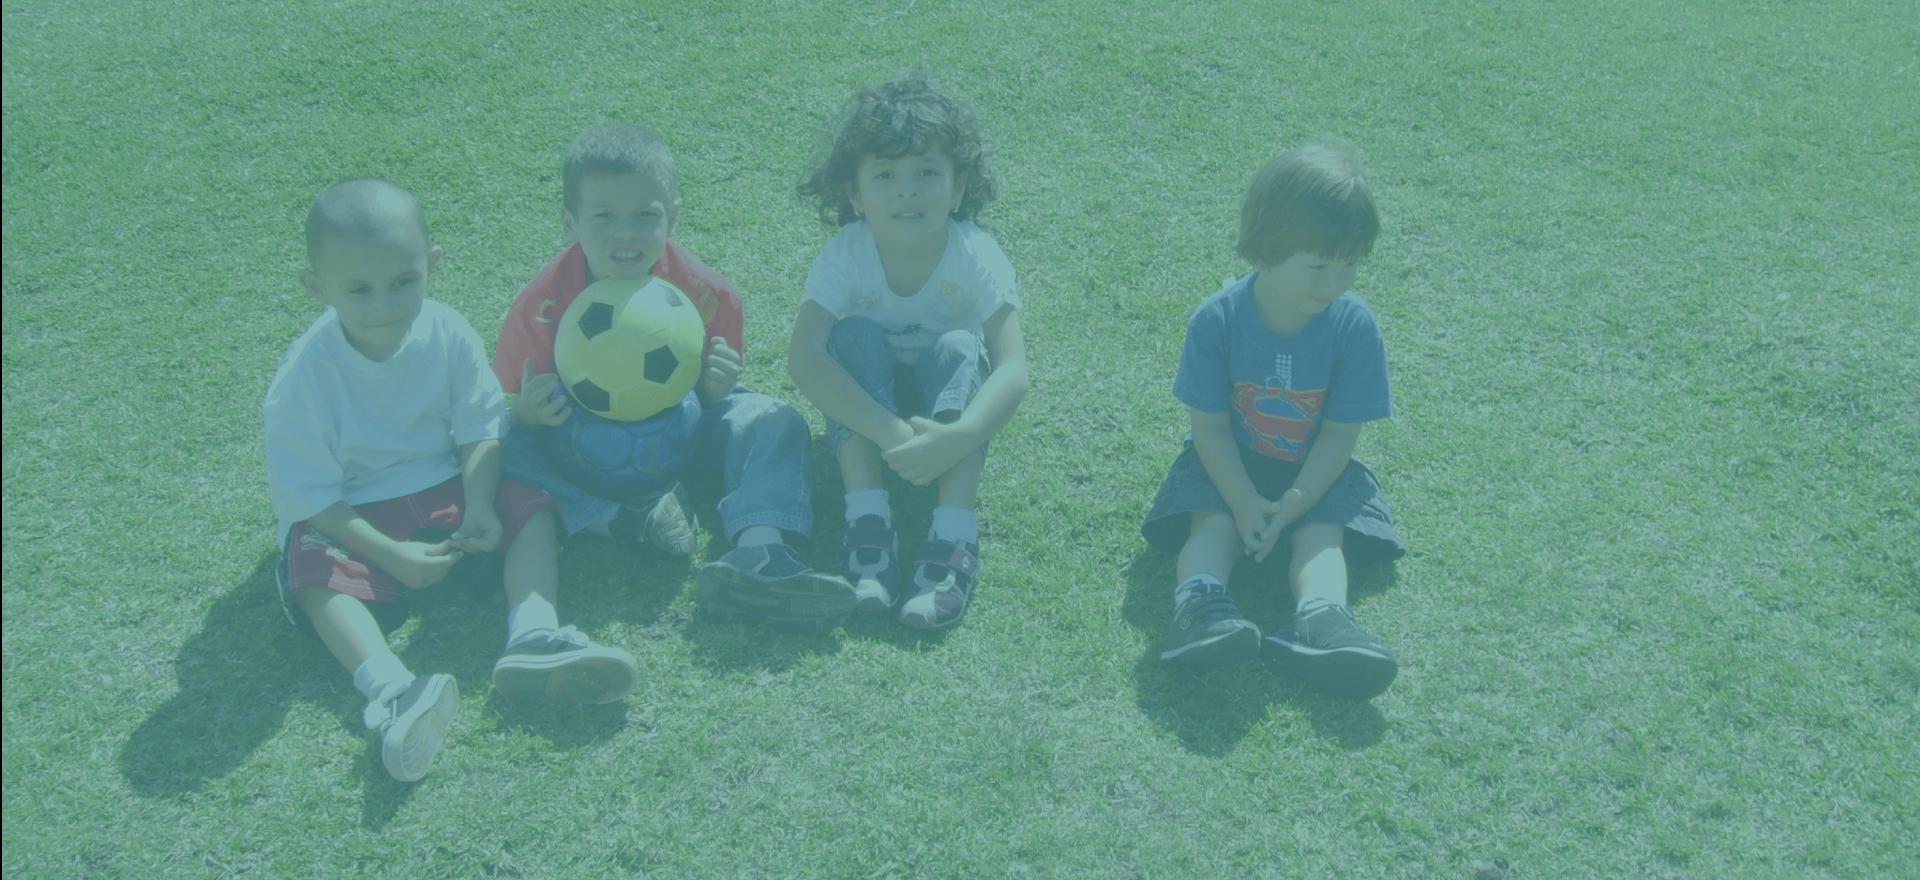 Niños jugando y demostrando sus habilidades sociales